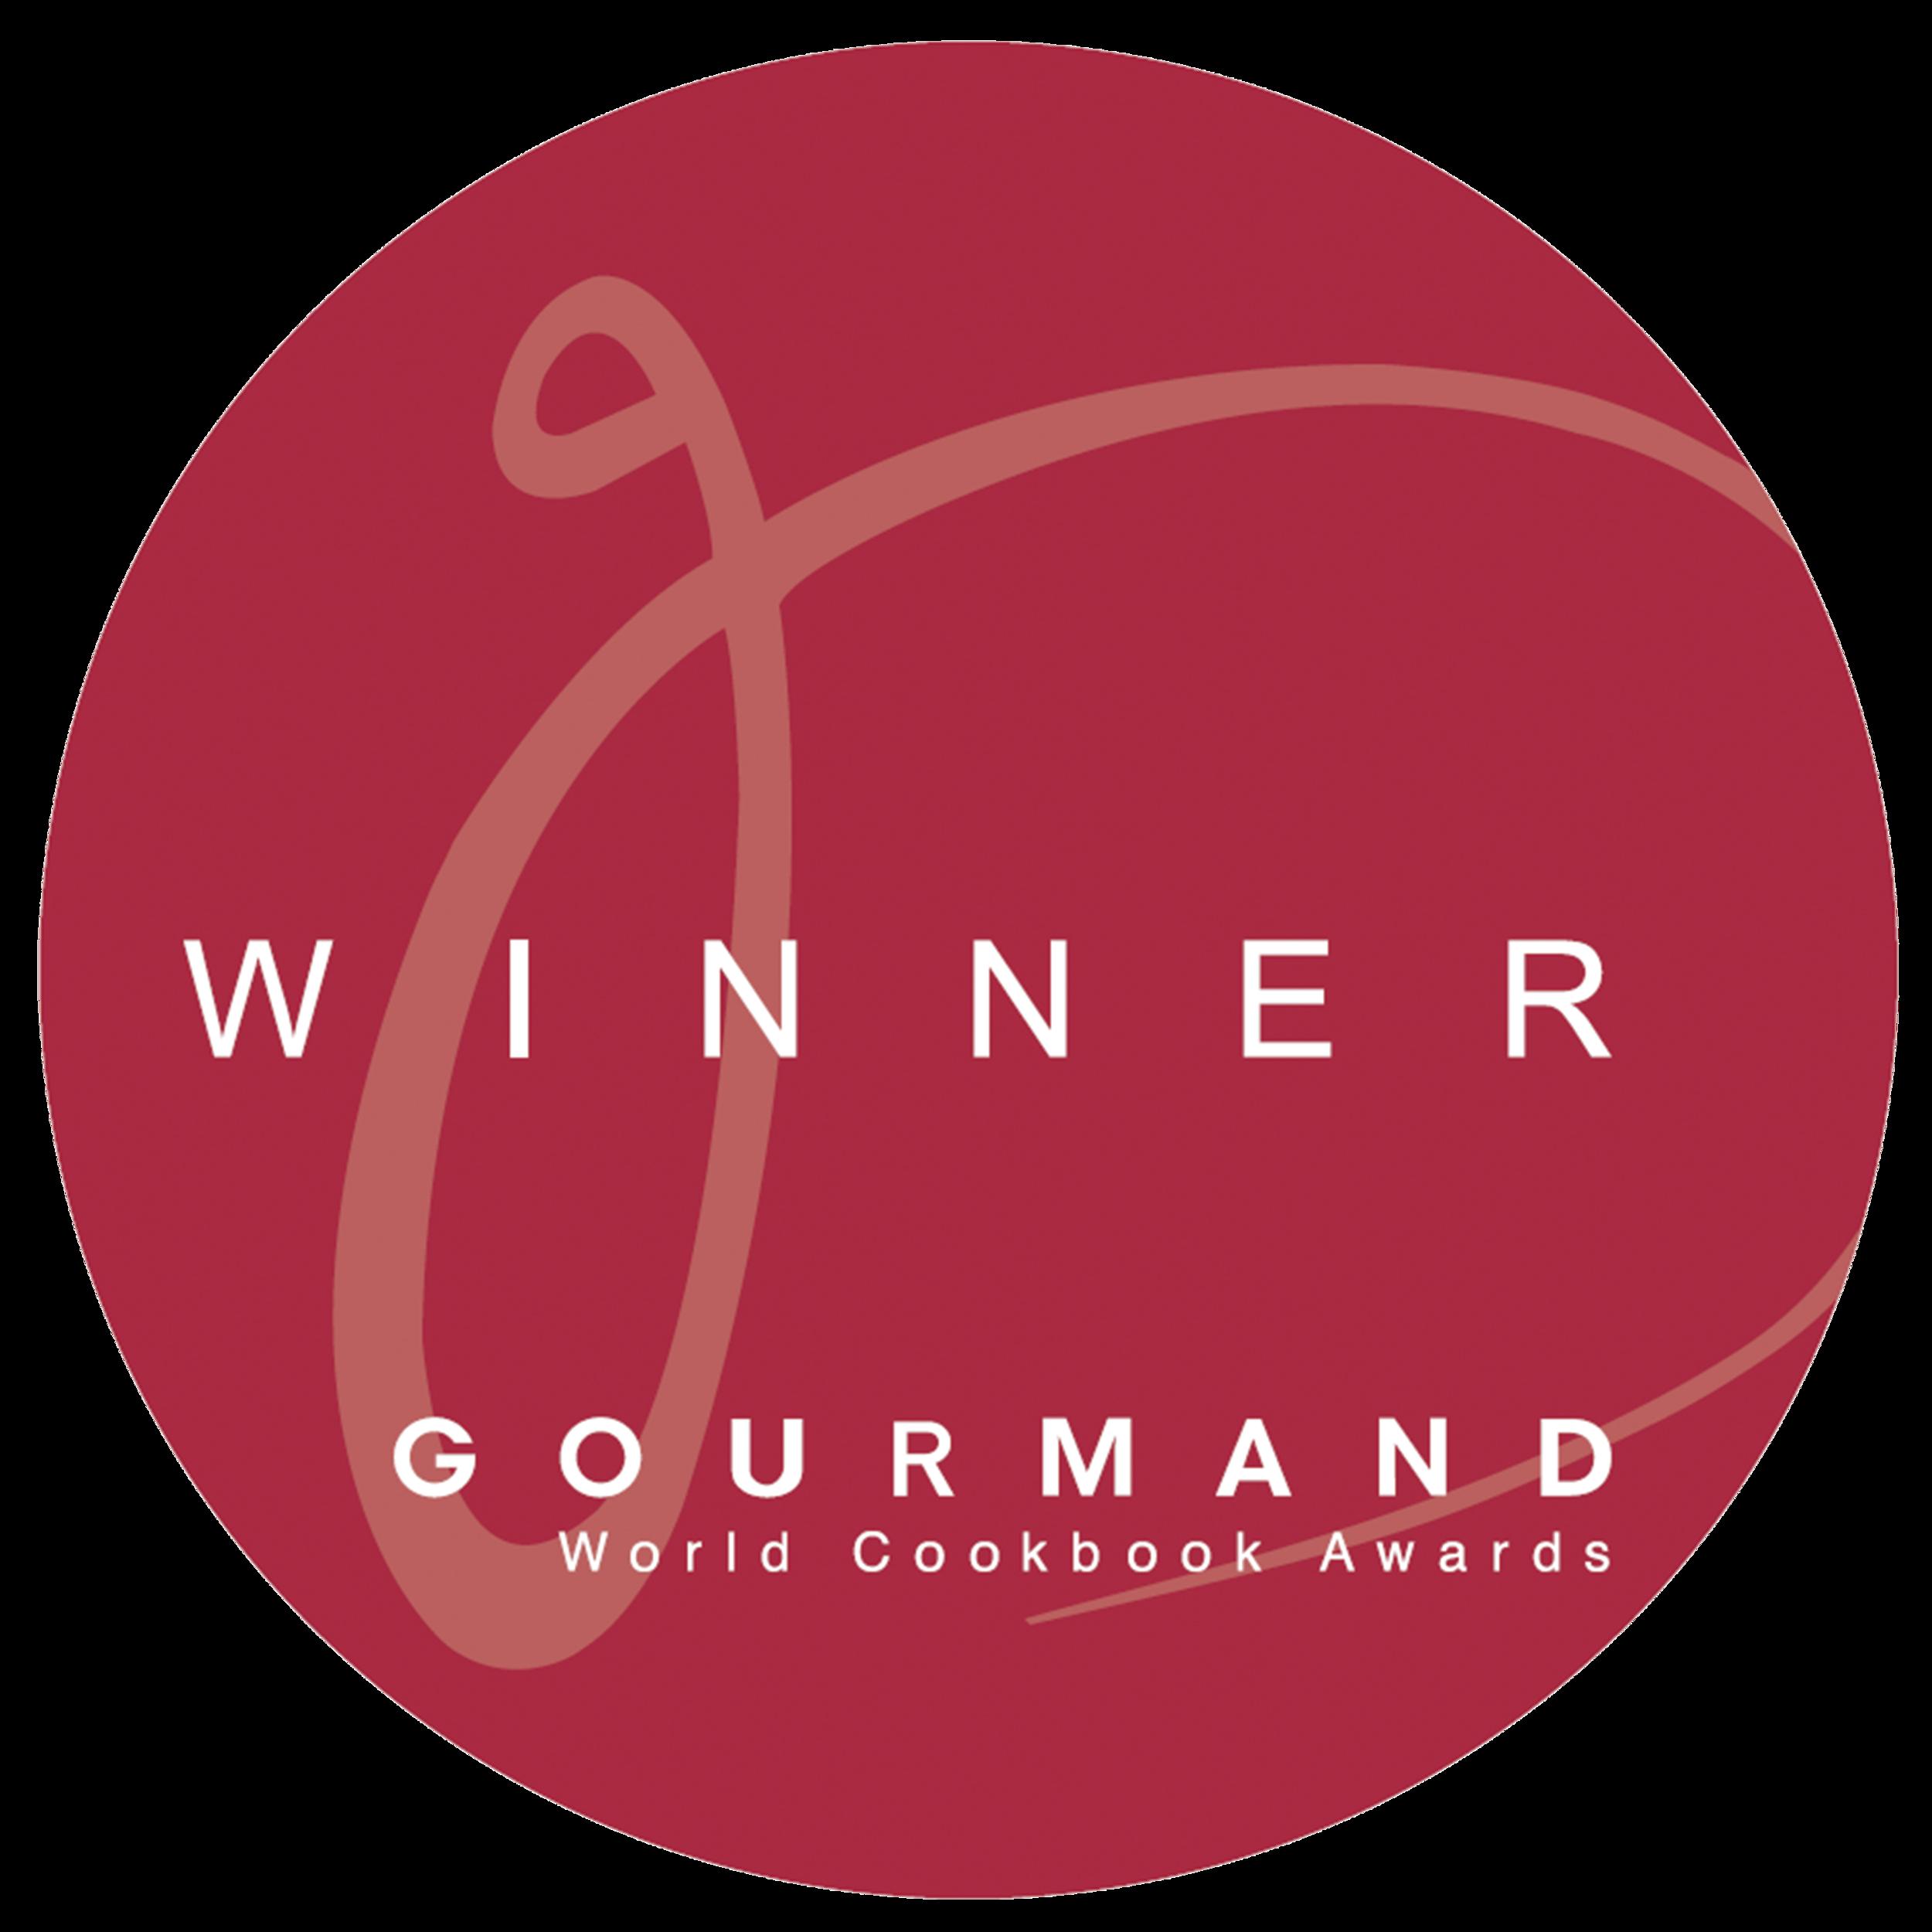 gourmand-award-winner.png